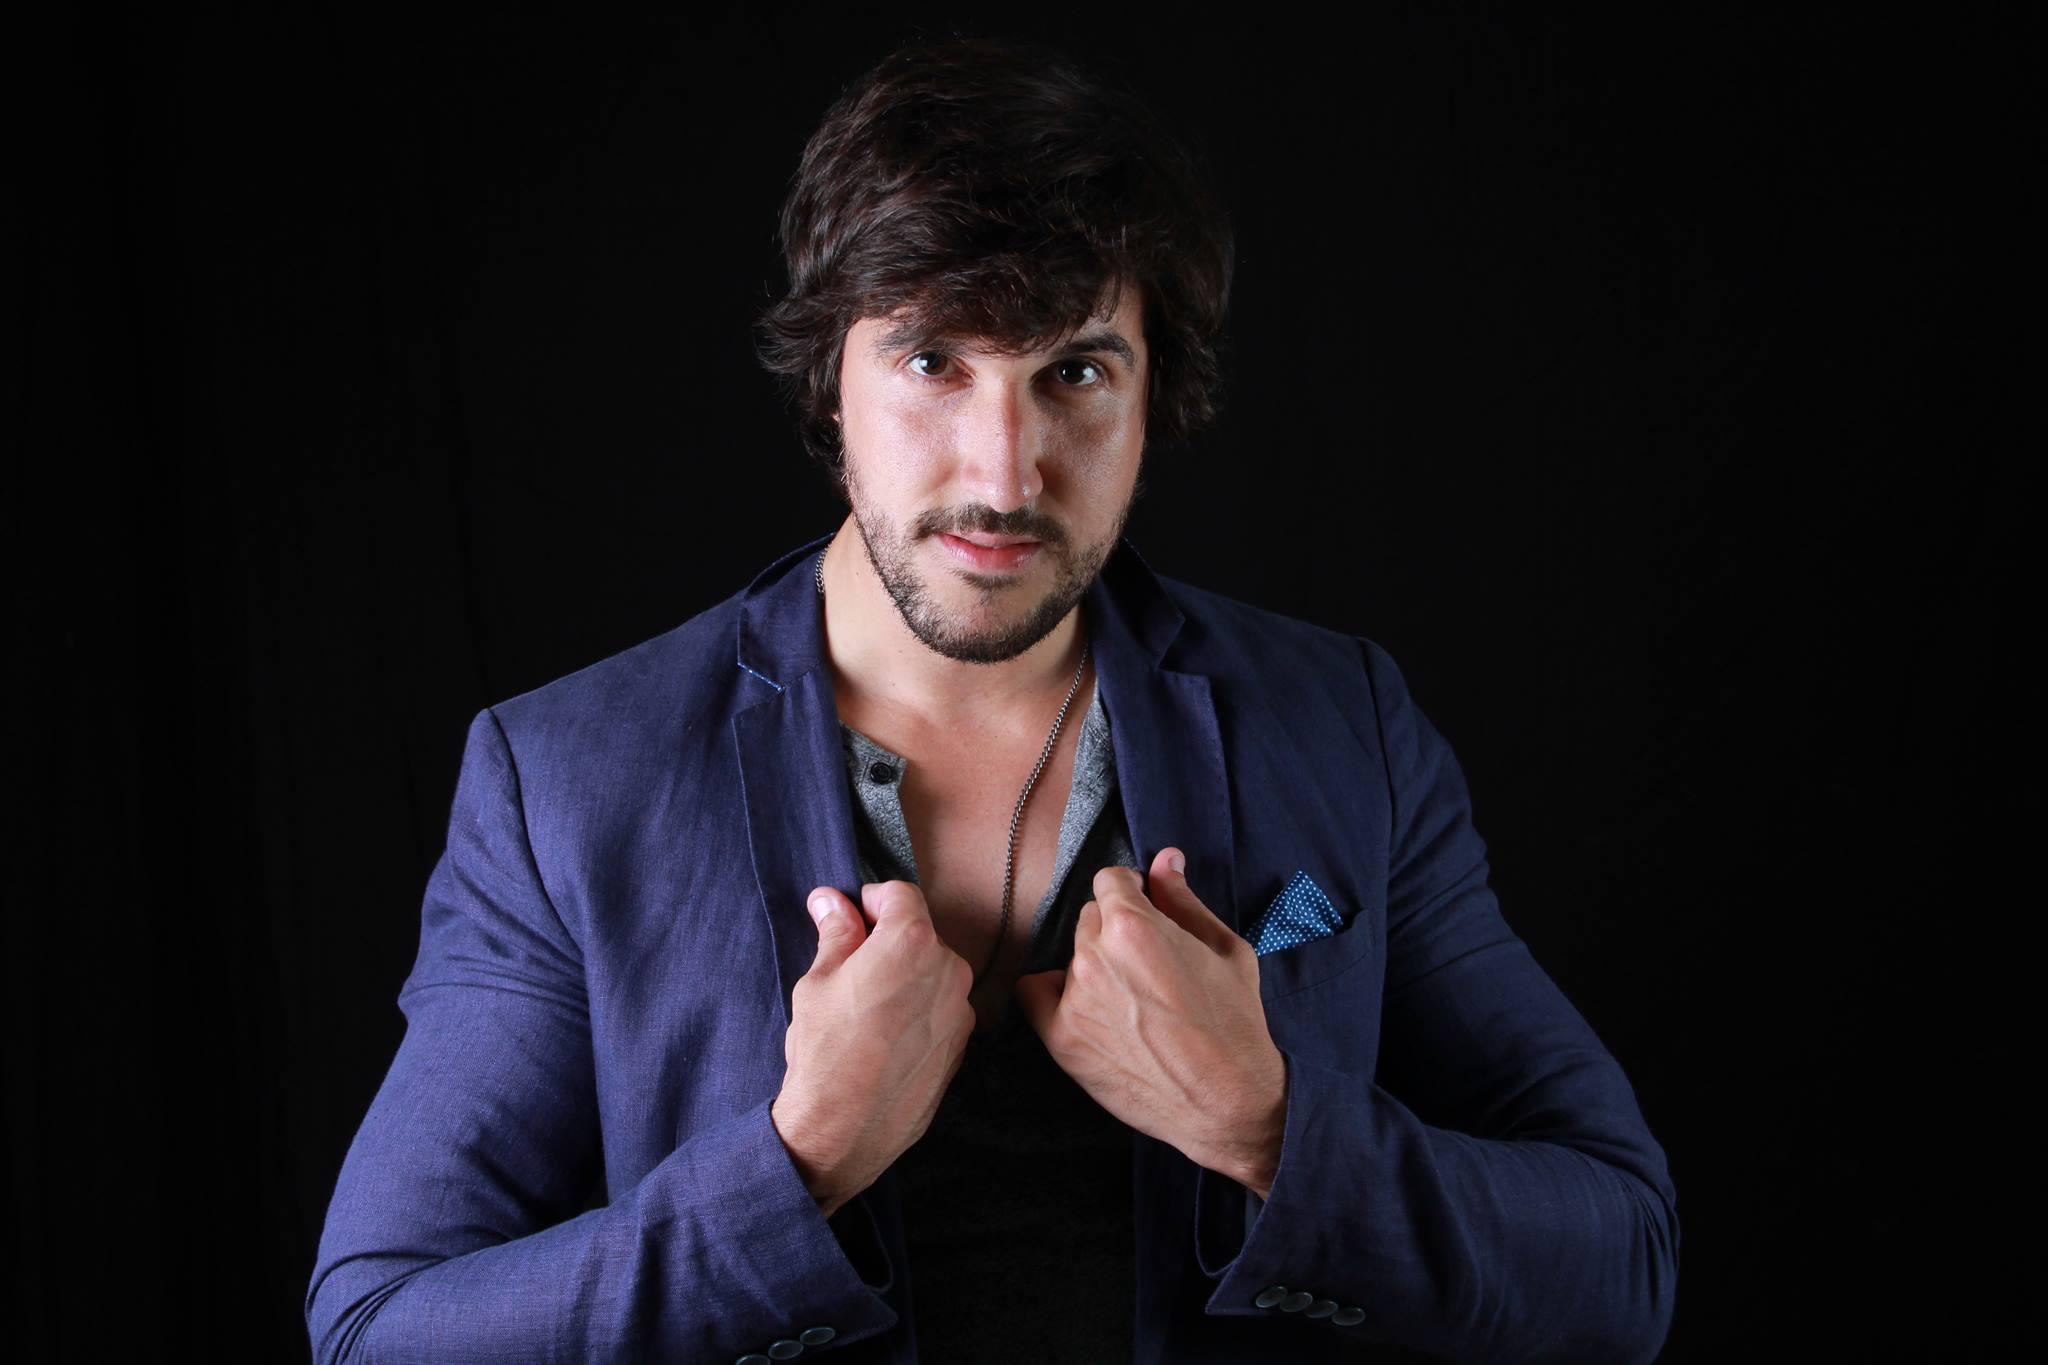 Entrevista William Ramos – El emprendedor viajero por Miguel A. Ceballos